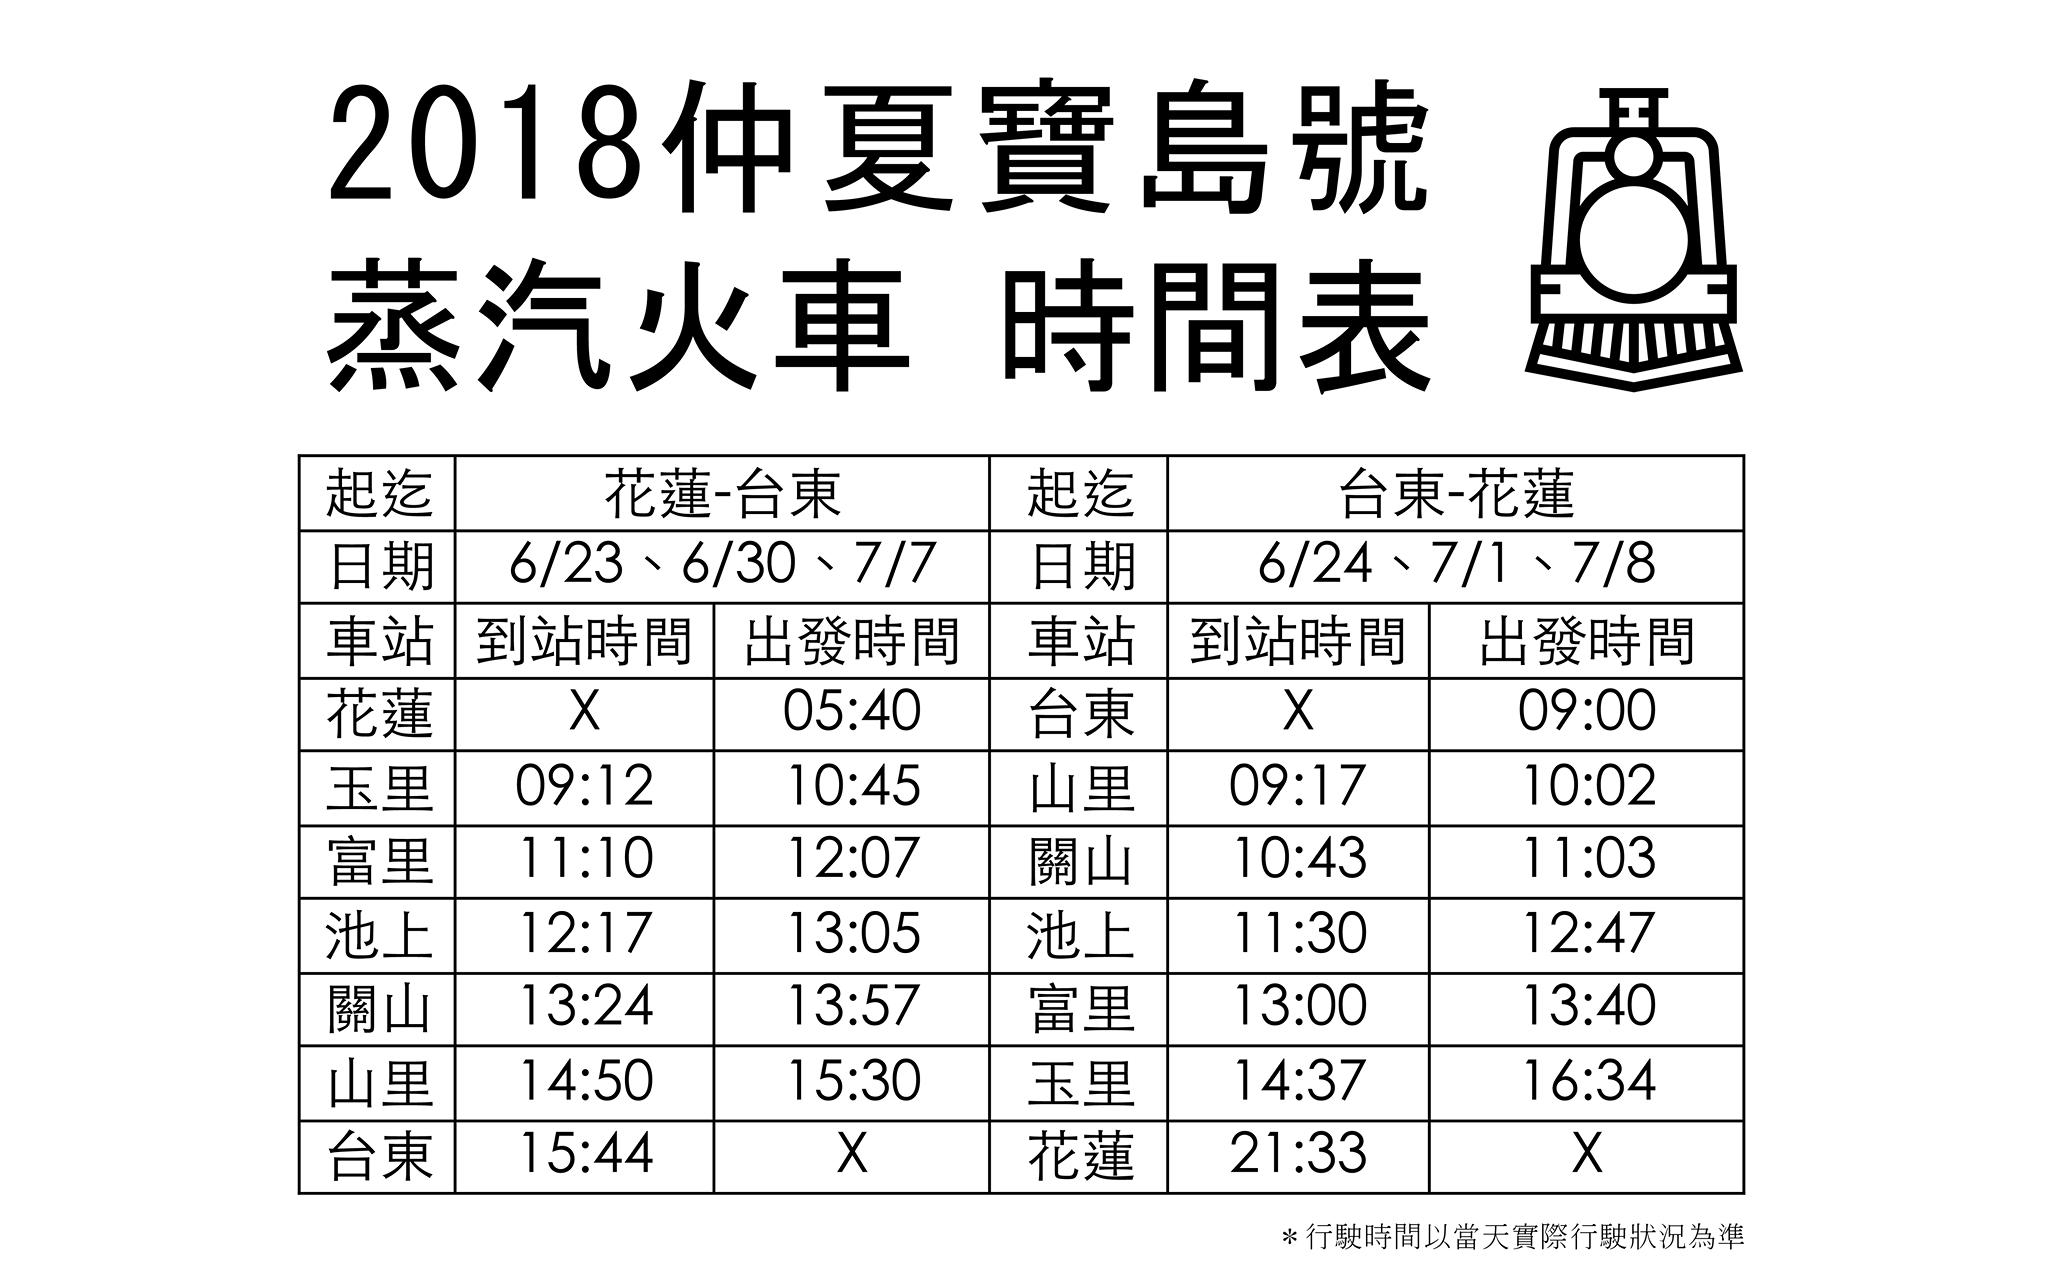 【2018仲夏寶島號蒸汽火車時間表!】台東民宿推薦貓追熊民宿特搜